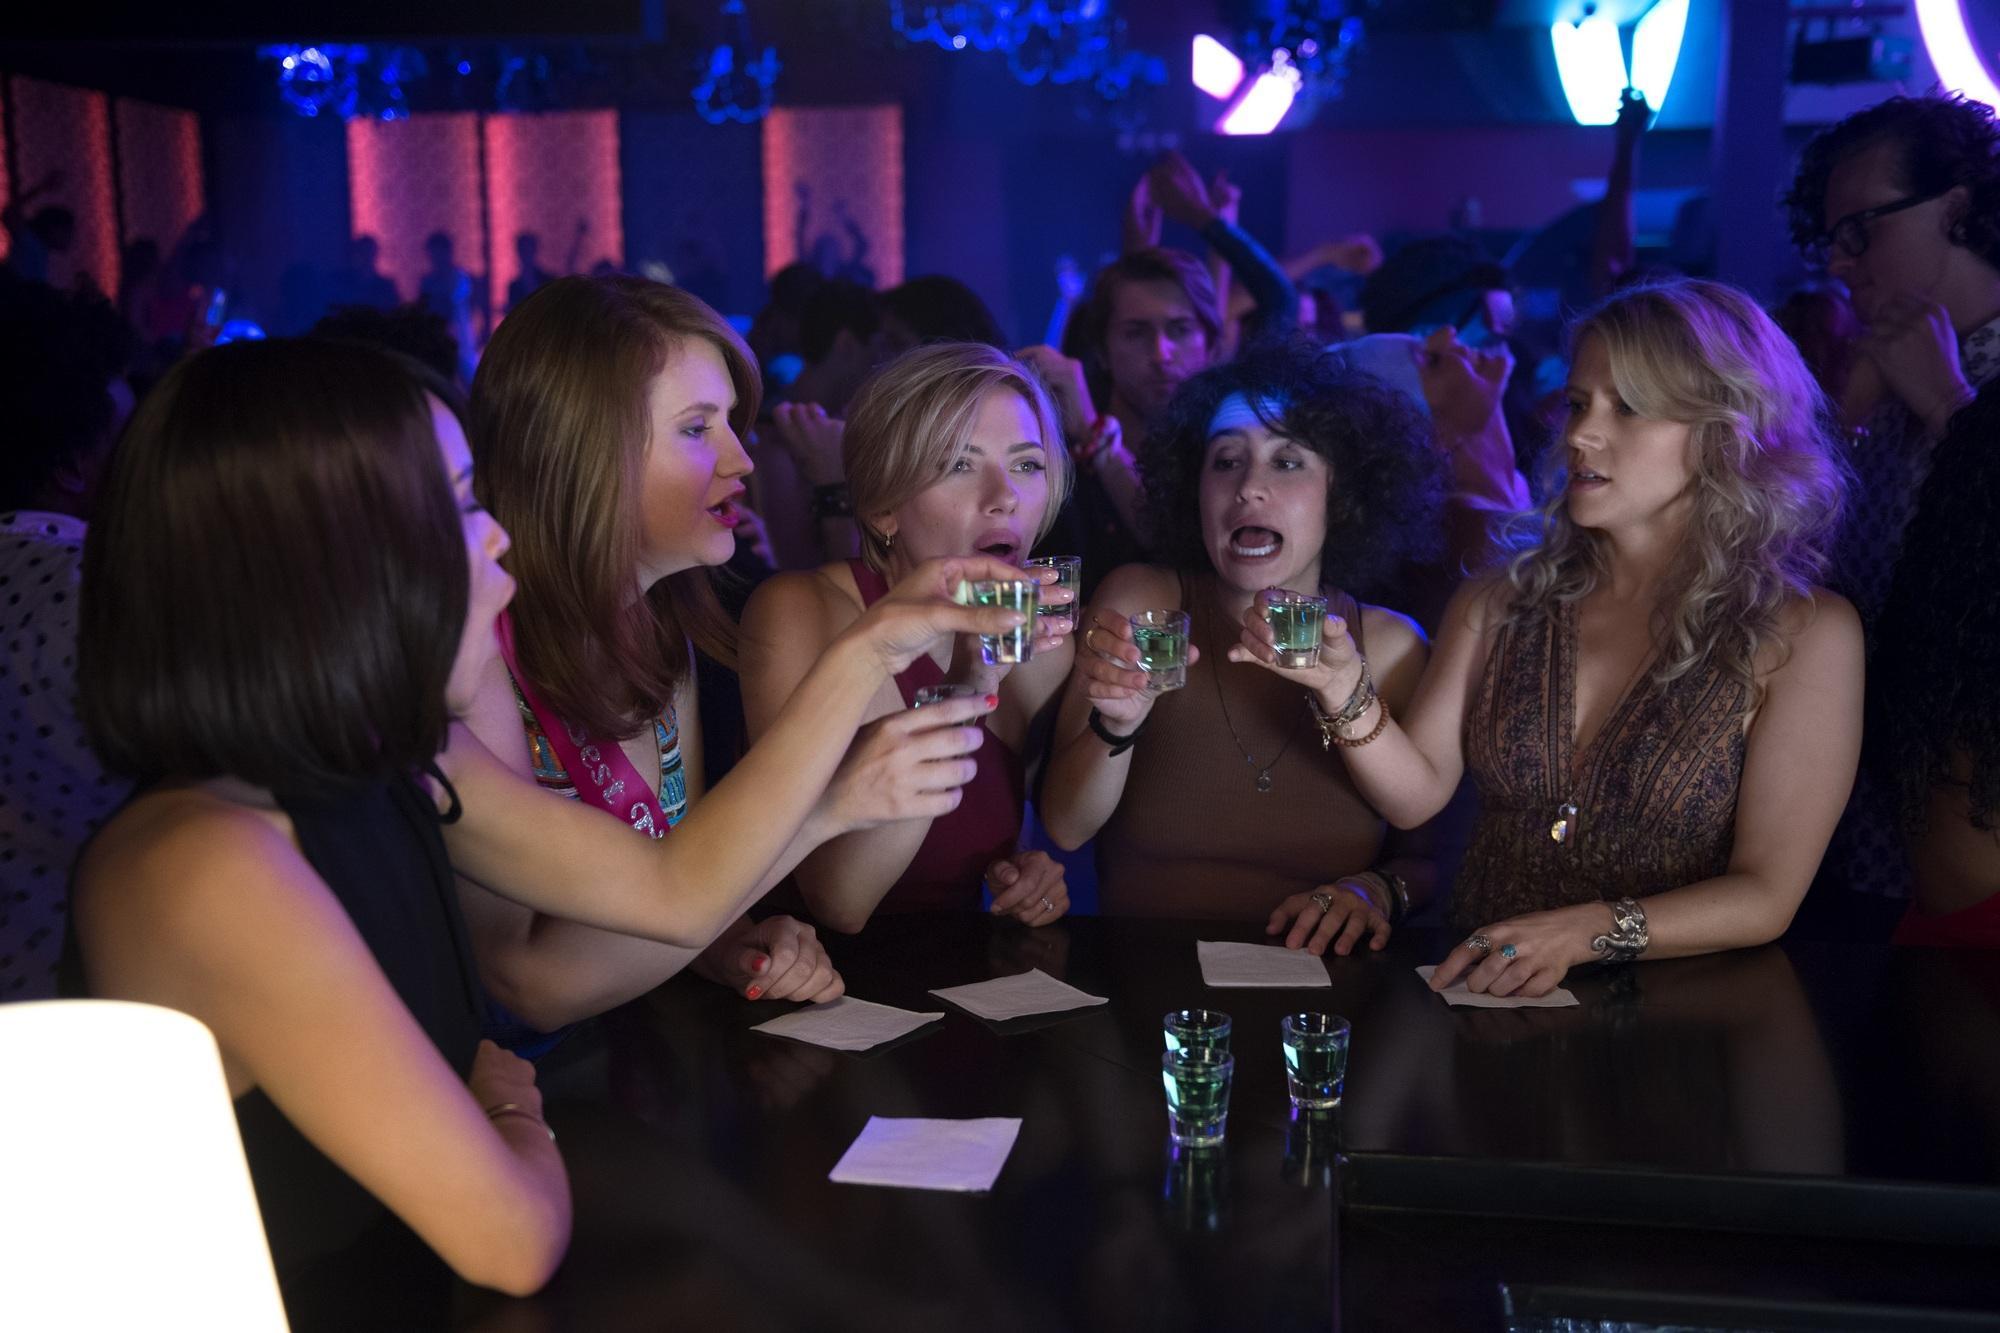 Развлечение в женском клубе видео фото 589-797